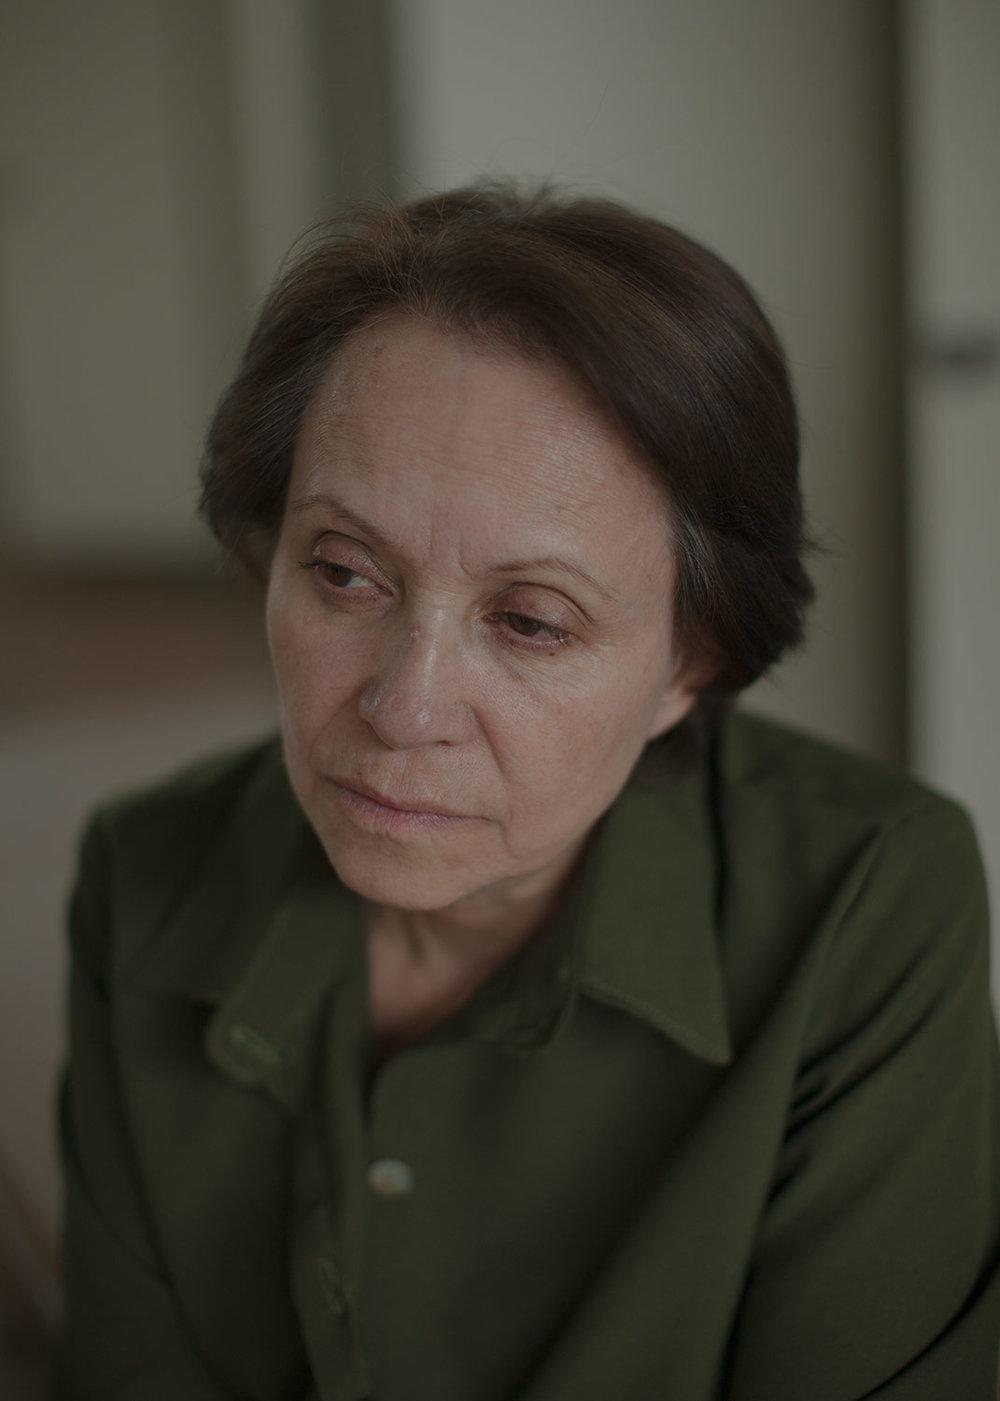 Adriana Barraza as Doña Flor